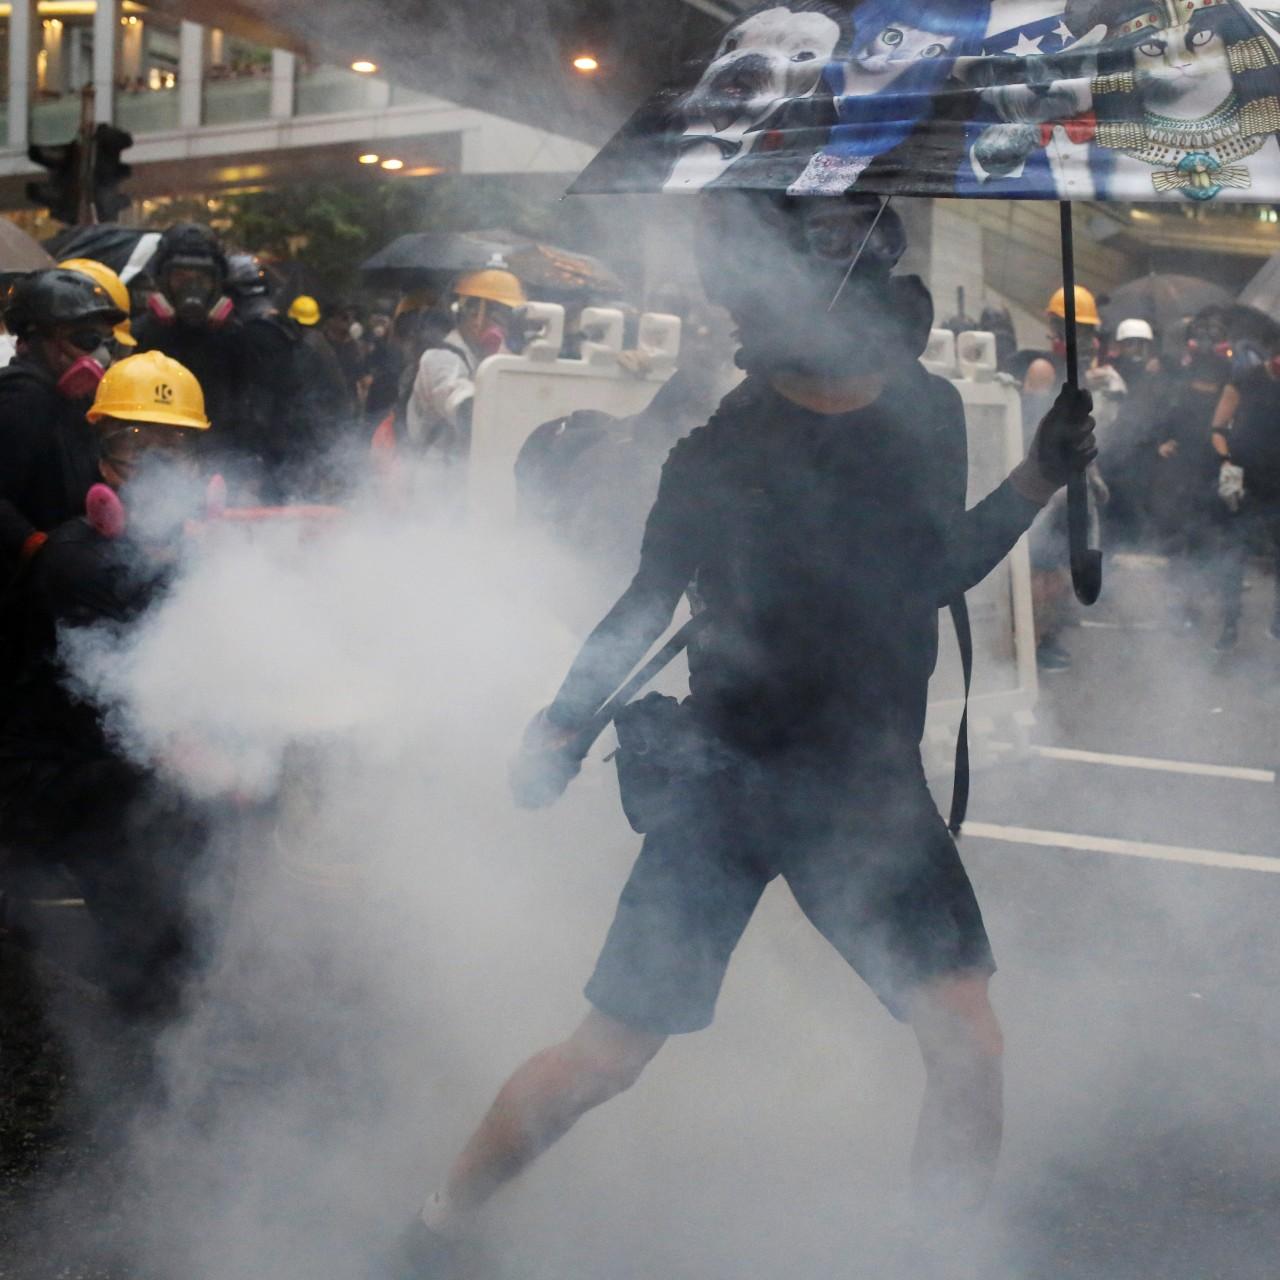 As Hong Kong protests reflect anti-mainland China sentiment